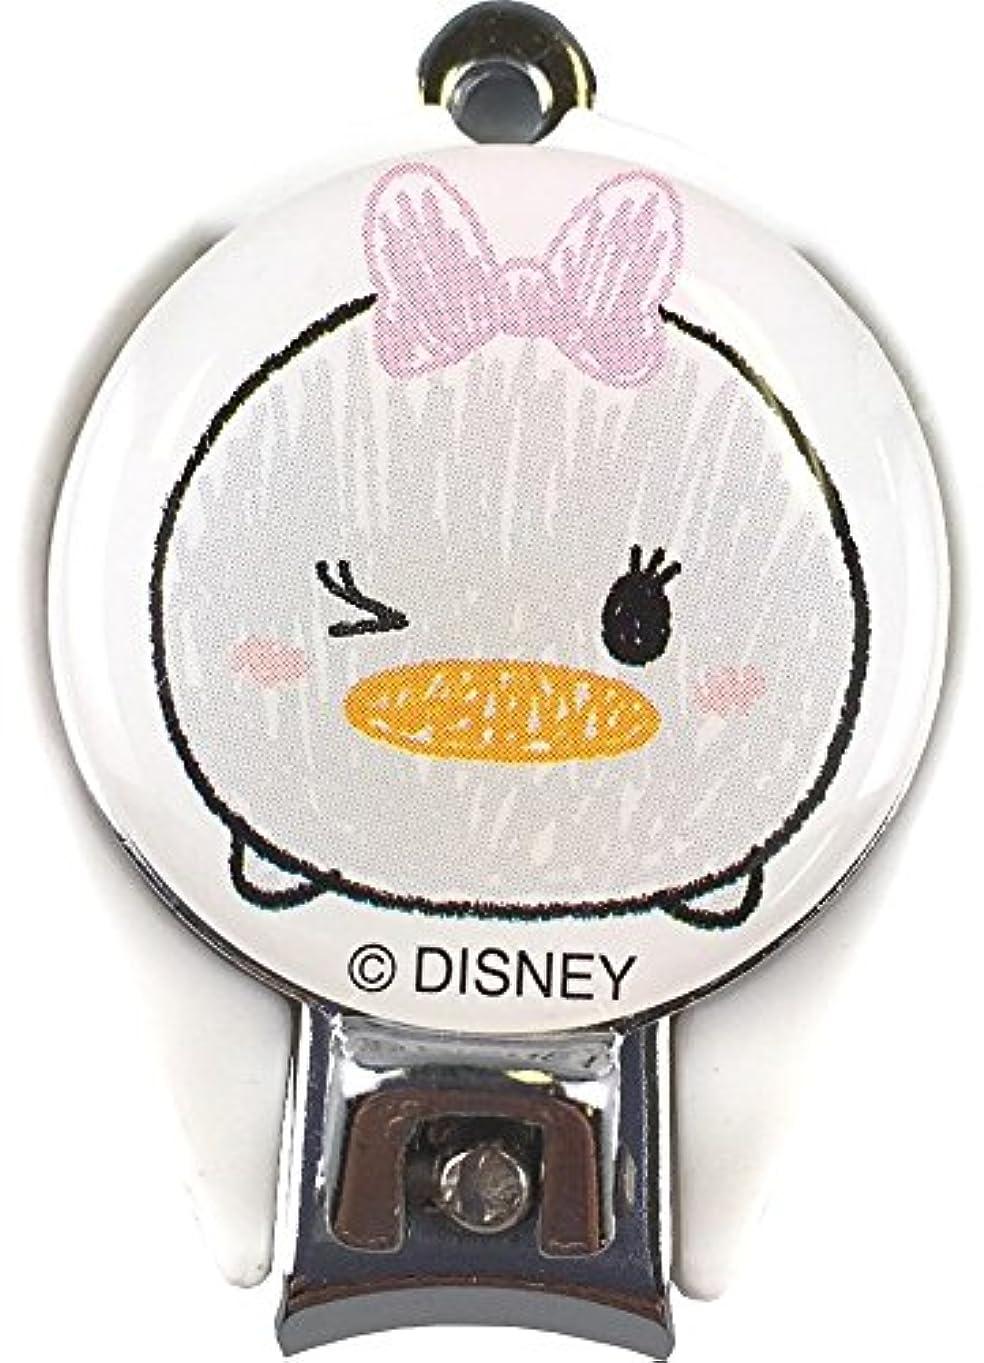 目覚める行き当たりばったり完全にヤクセル ディズニー 丸型つめ切り TsumTsum デイジー 60055